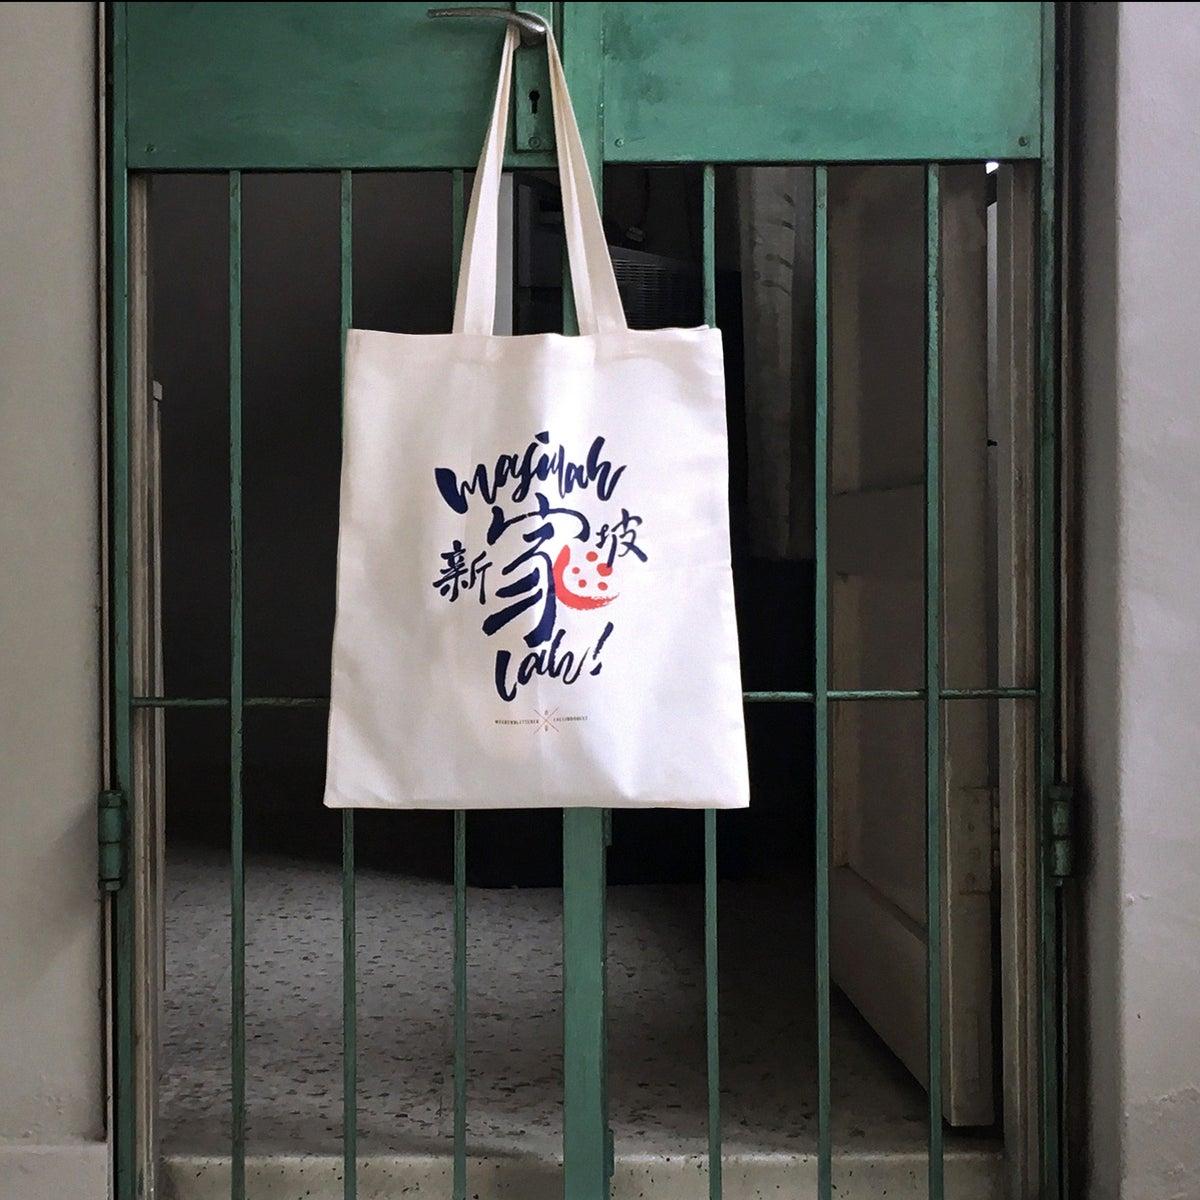 Image of Jia (家) tote bag - Majulah 新家坡lah!